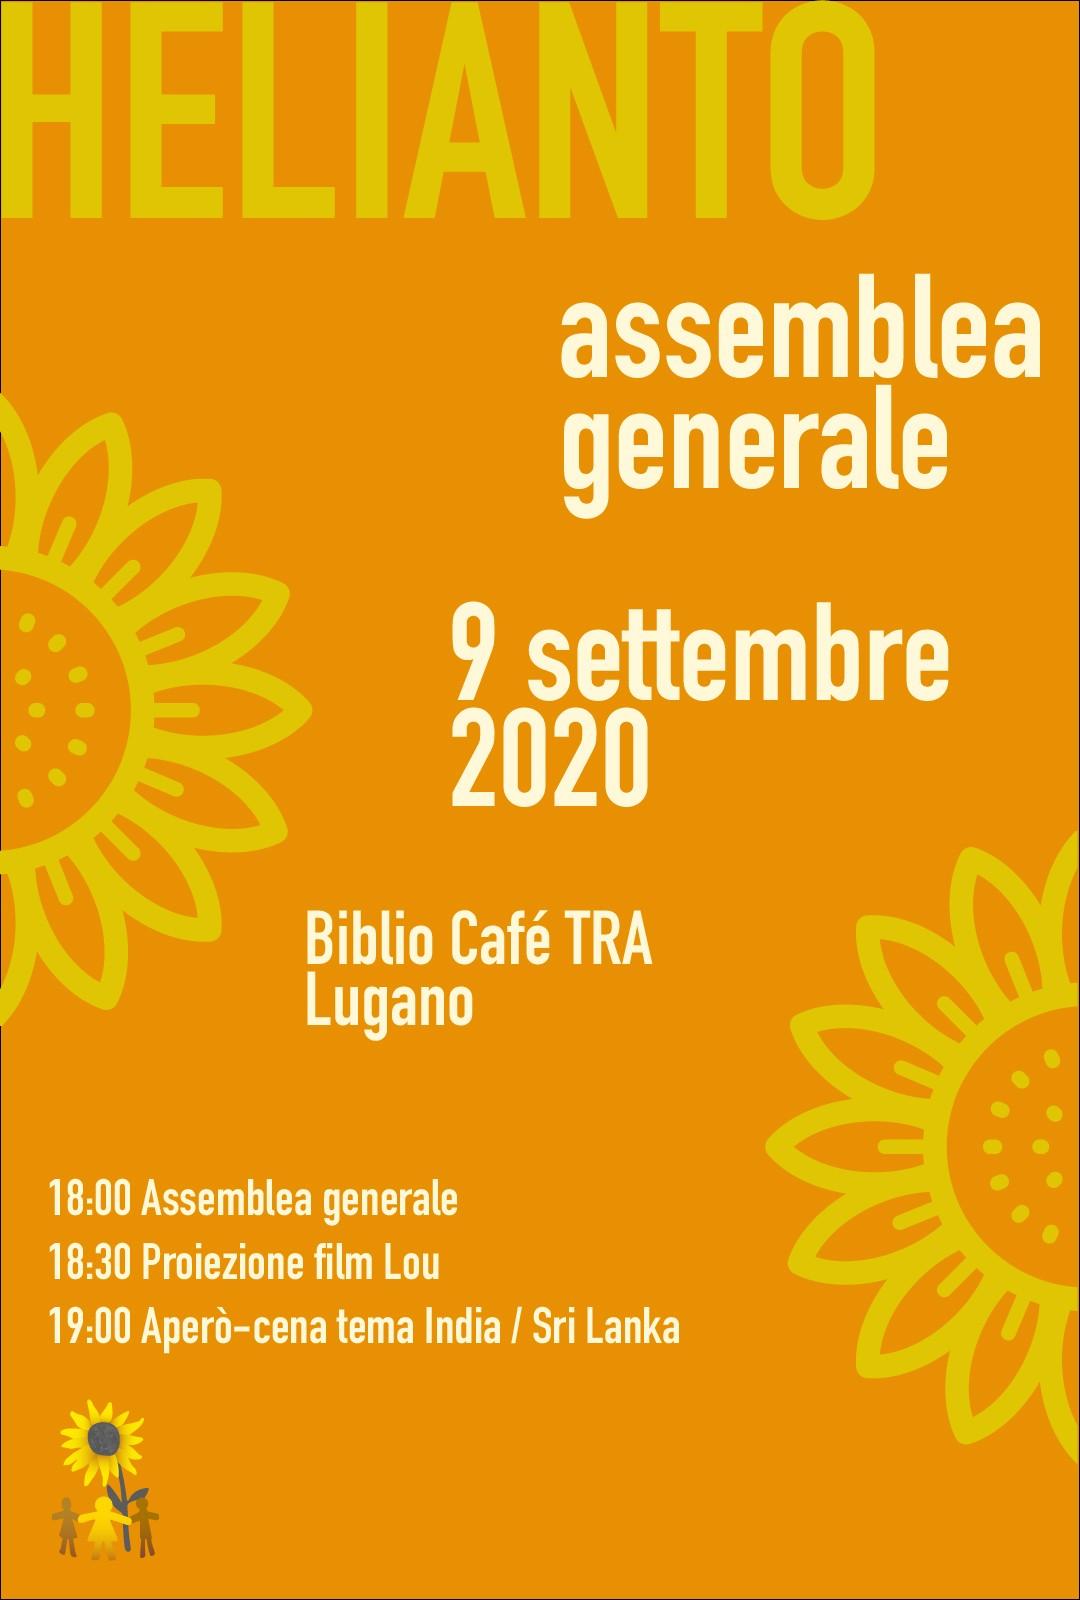 Assemblea Generale Helianto 2020